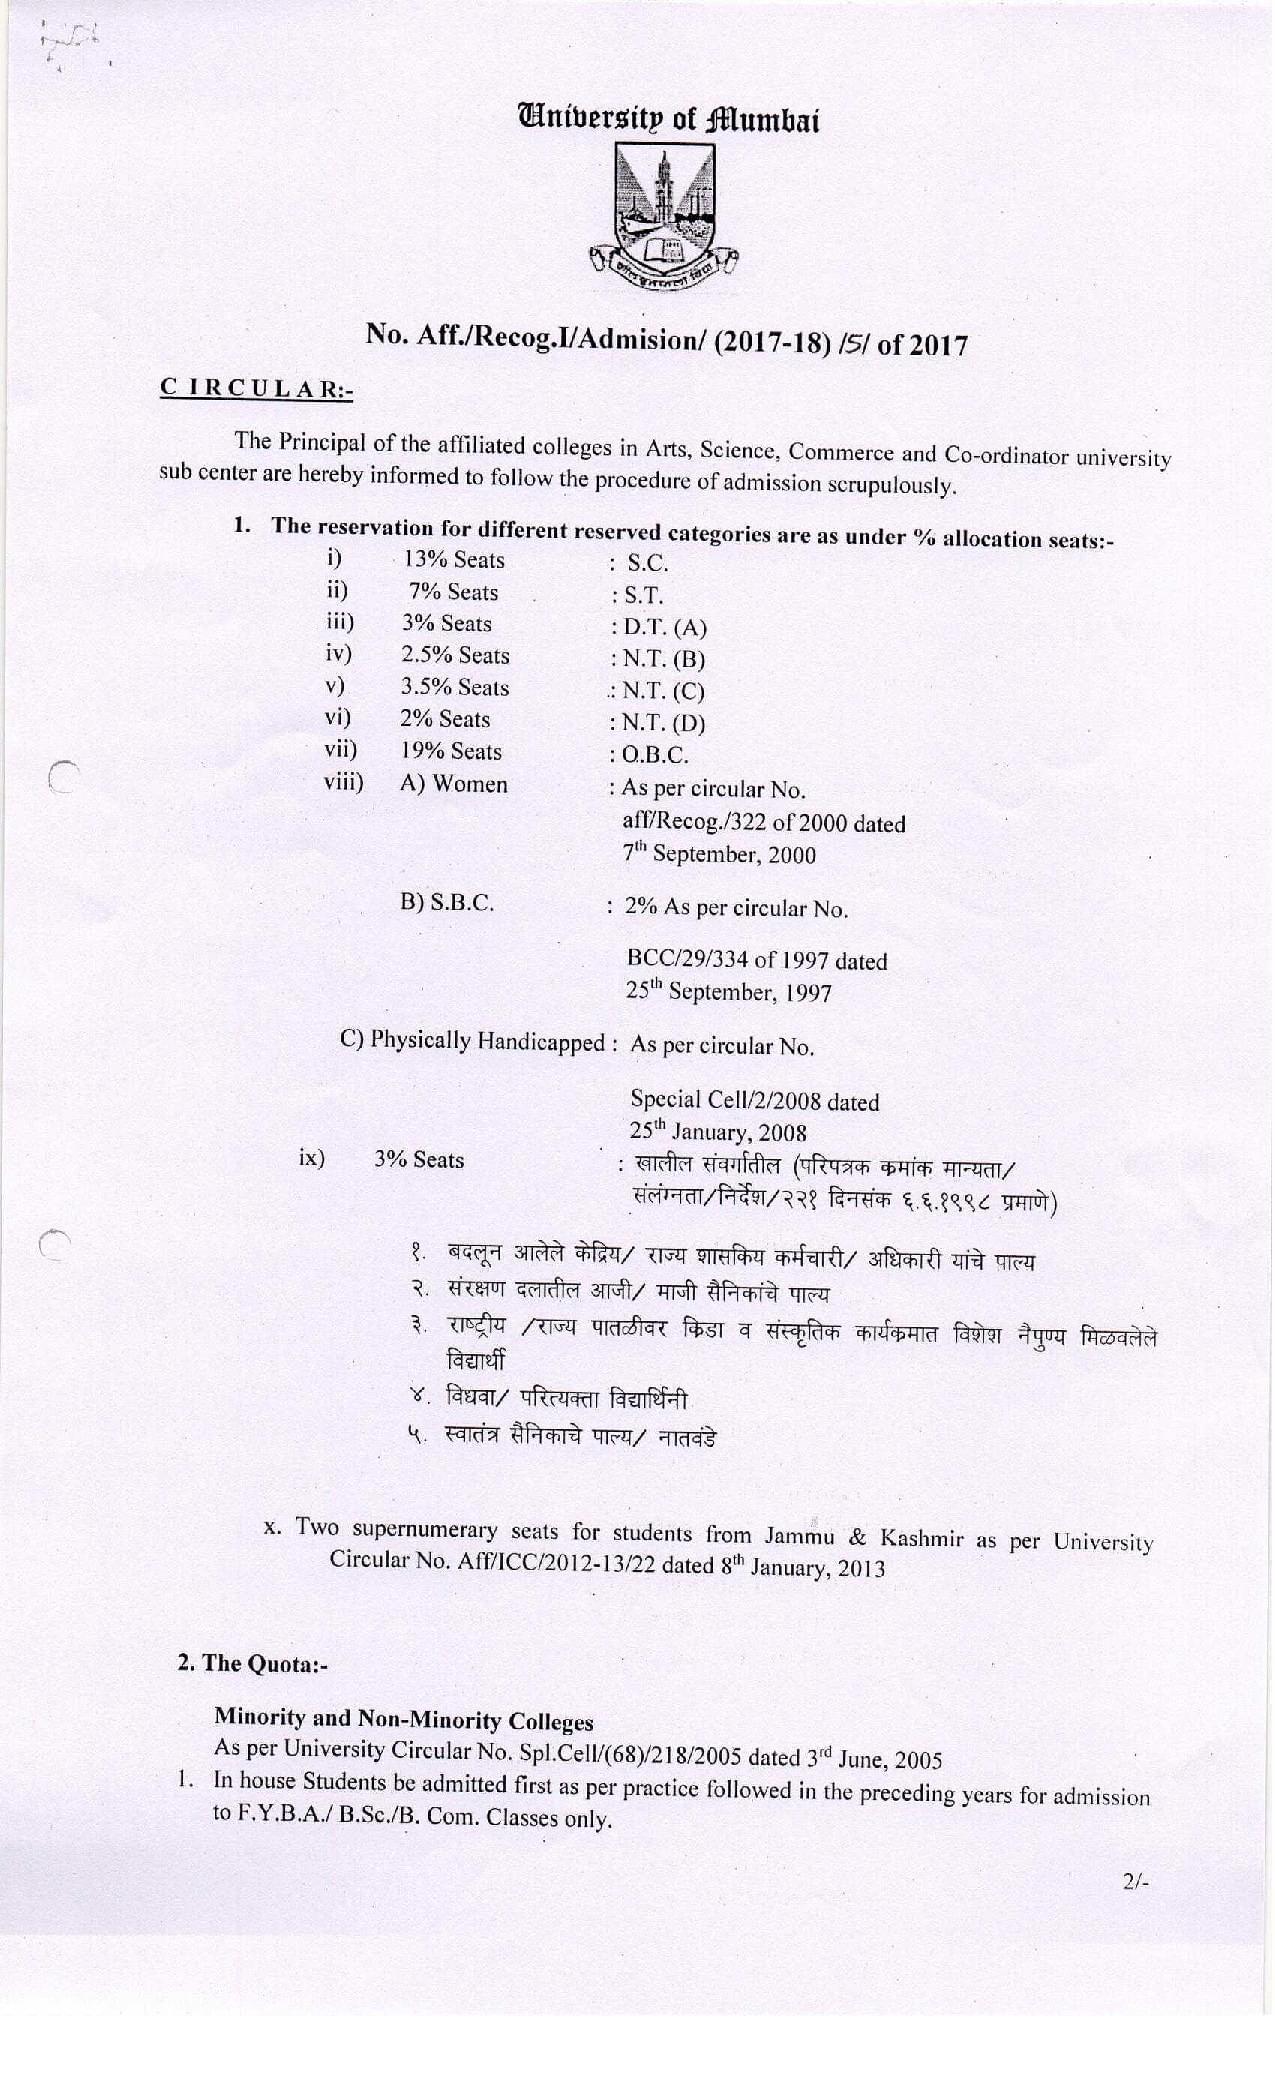 University of mumbai mumbai admissions contact website 2017revised malvernweather Images